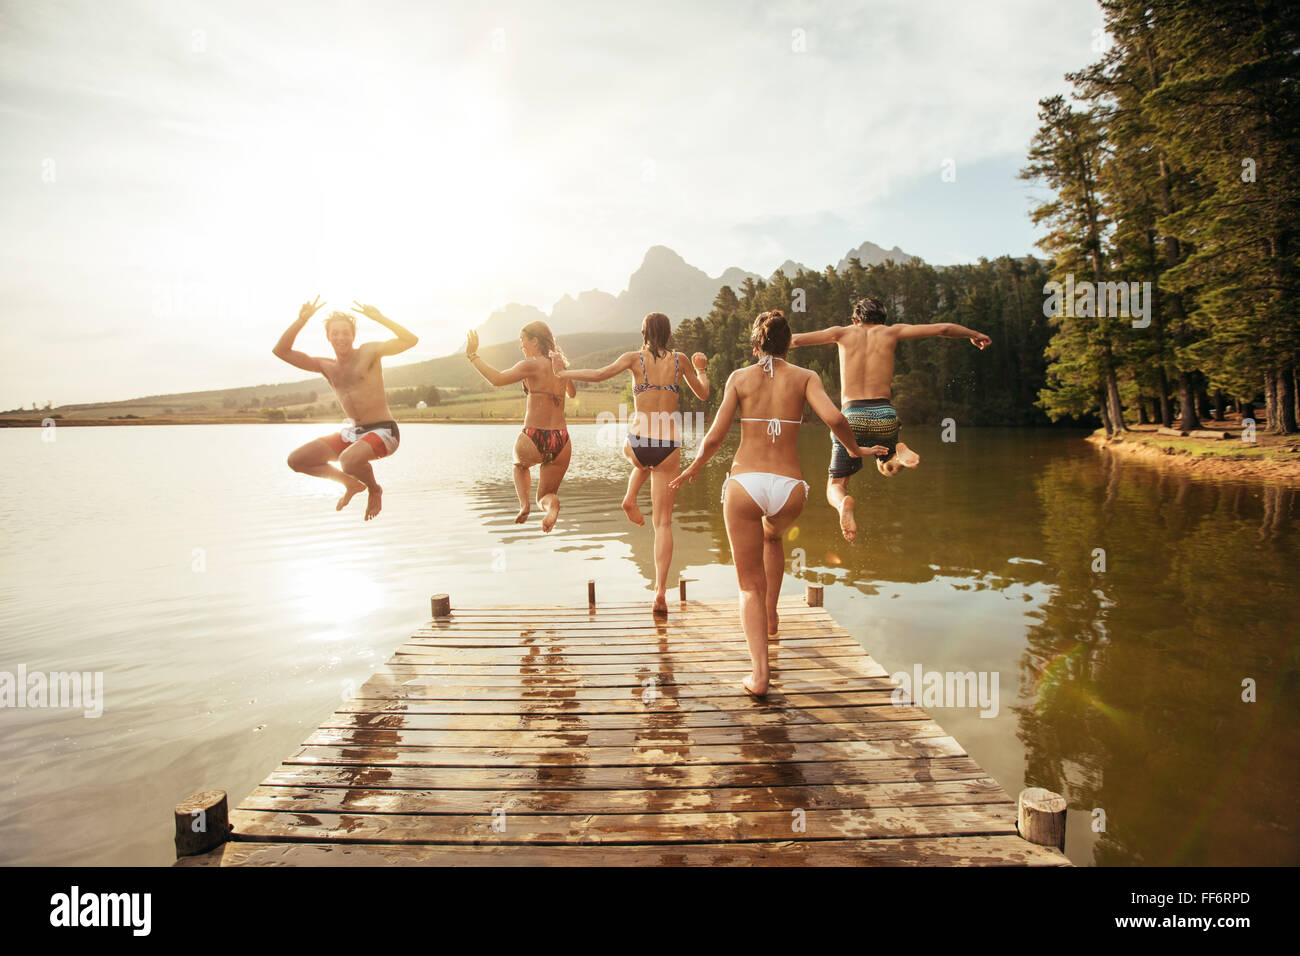 Vue arrière portrait de jeunes amis sauter dans un lac. Les jeunes en cours d'exécution et d'un Photo Stock